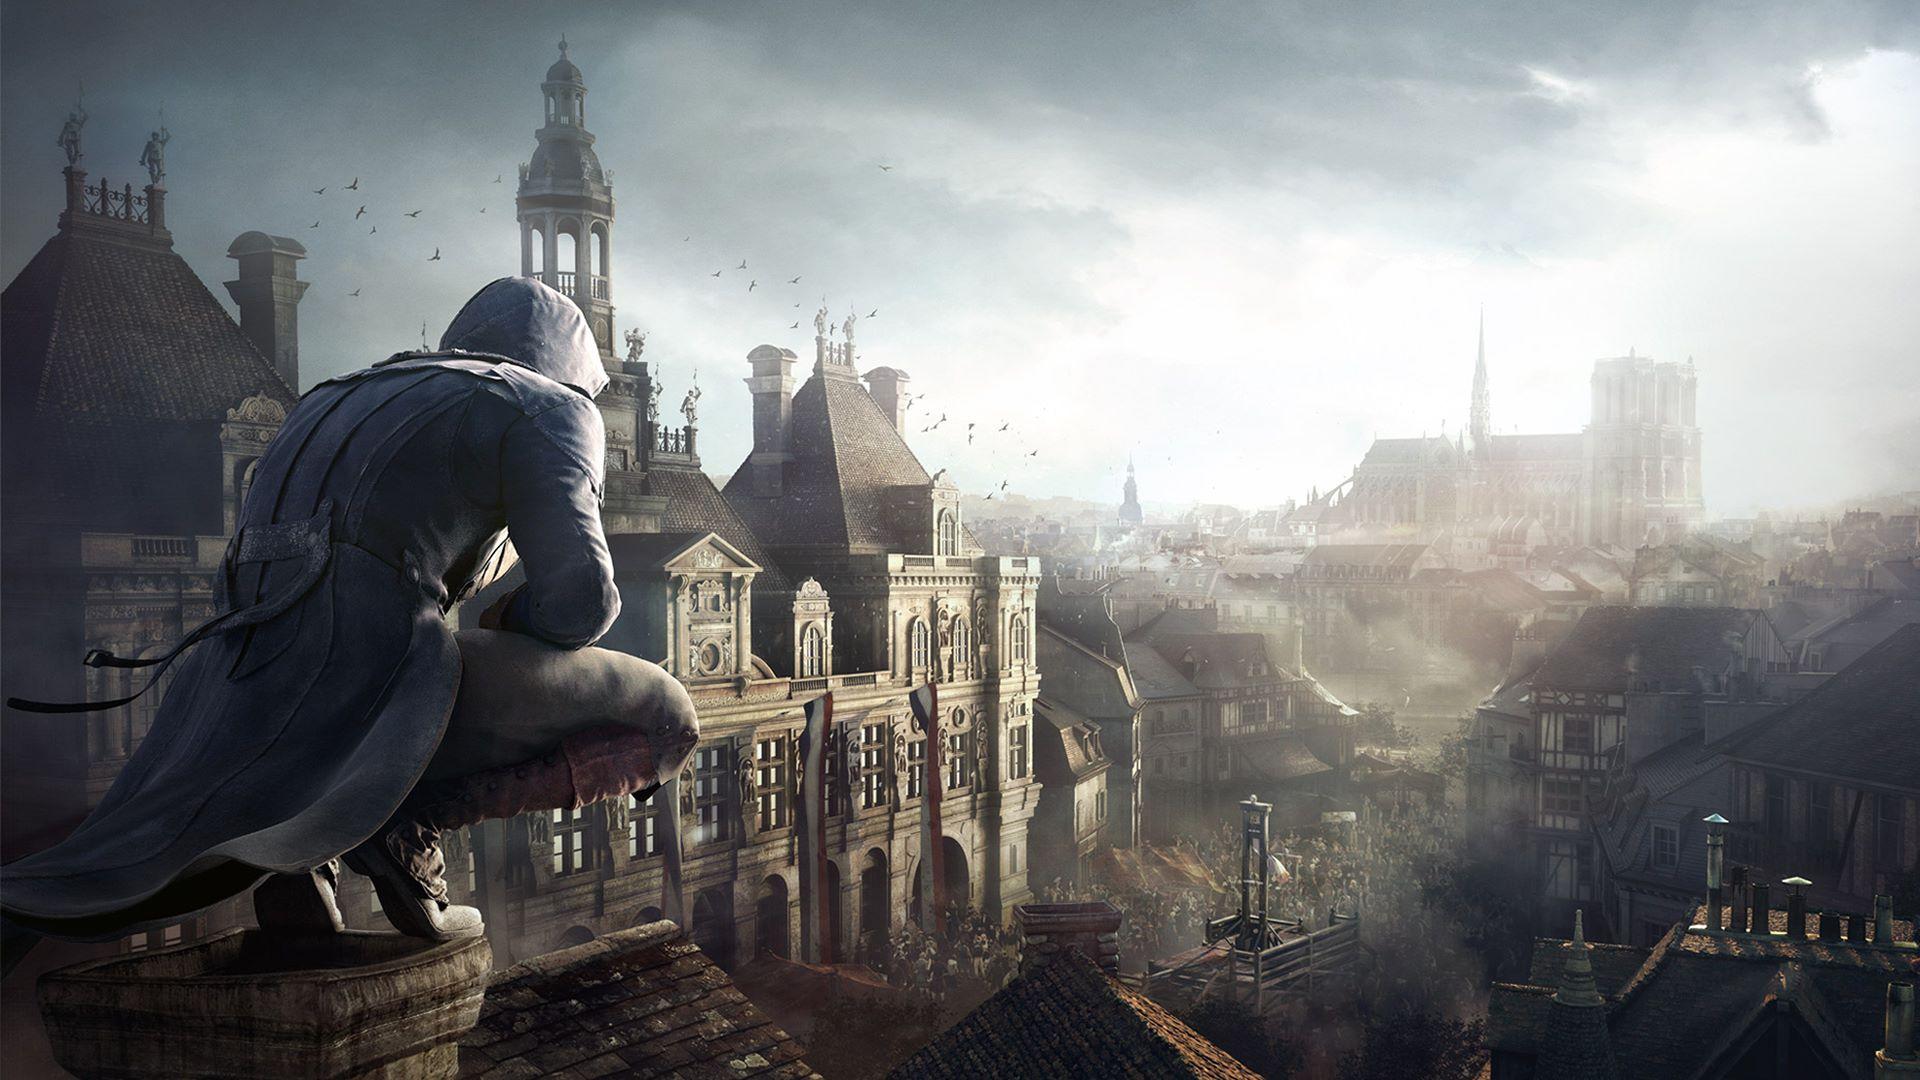 Assassins Creed Unity pro PC zdarma, Ubisoft přispívá na obnovu Notre Dame €500 000